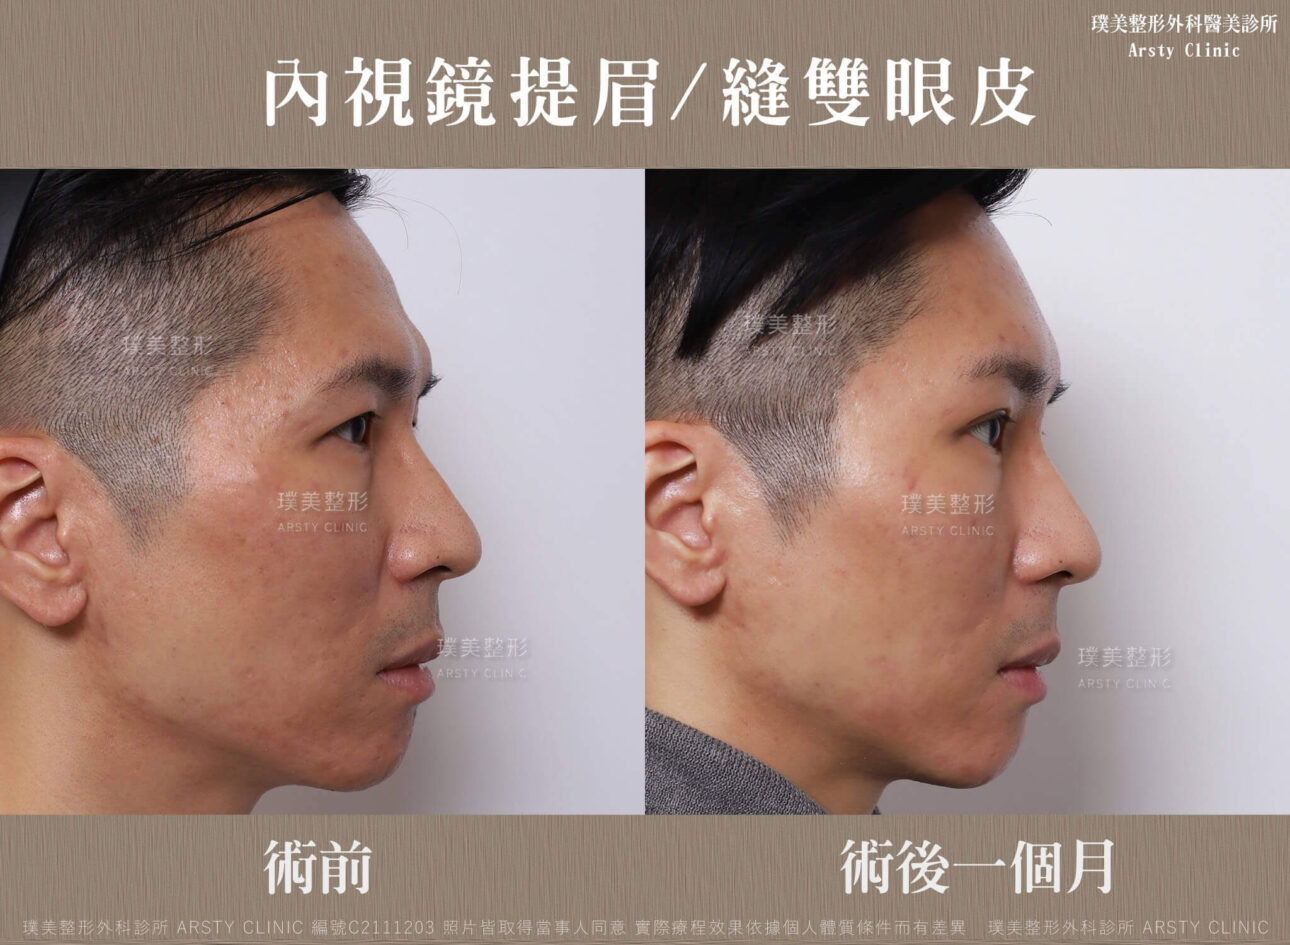 內視鏡提眉 縫雙眼皮 C211203BA03 2 5